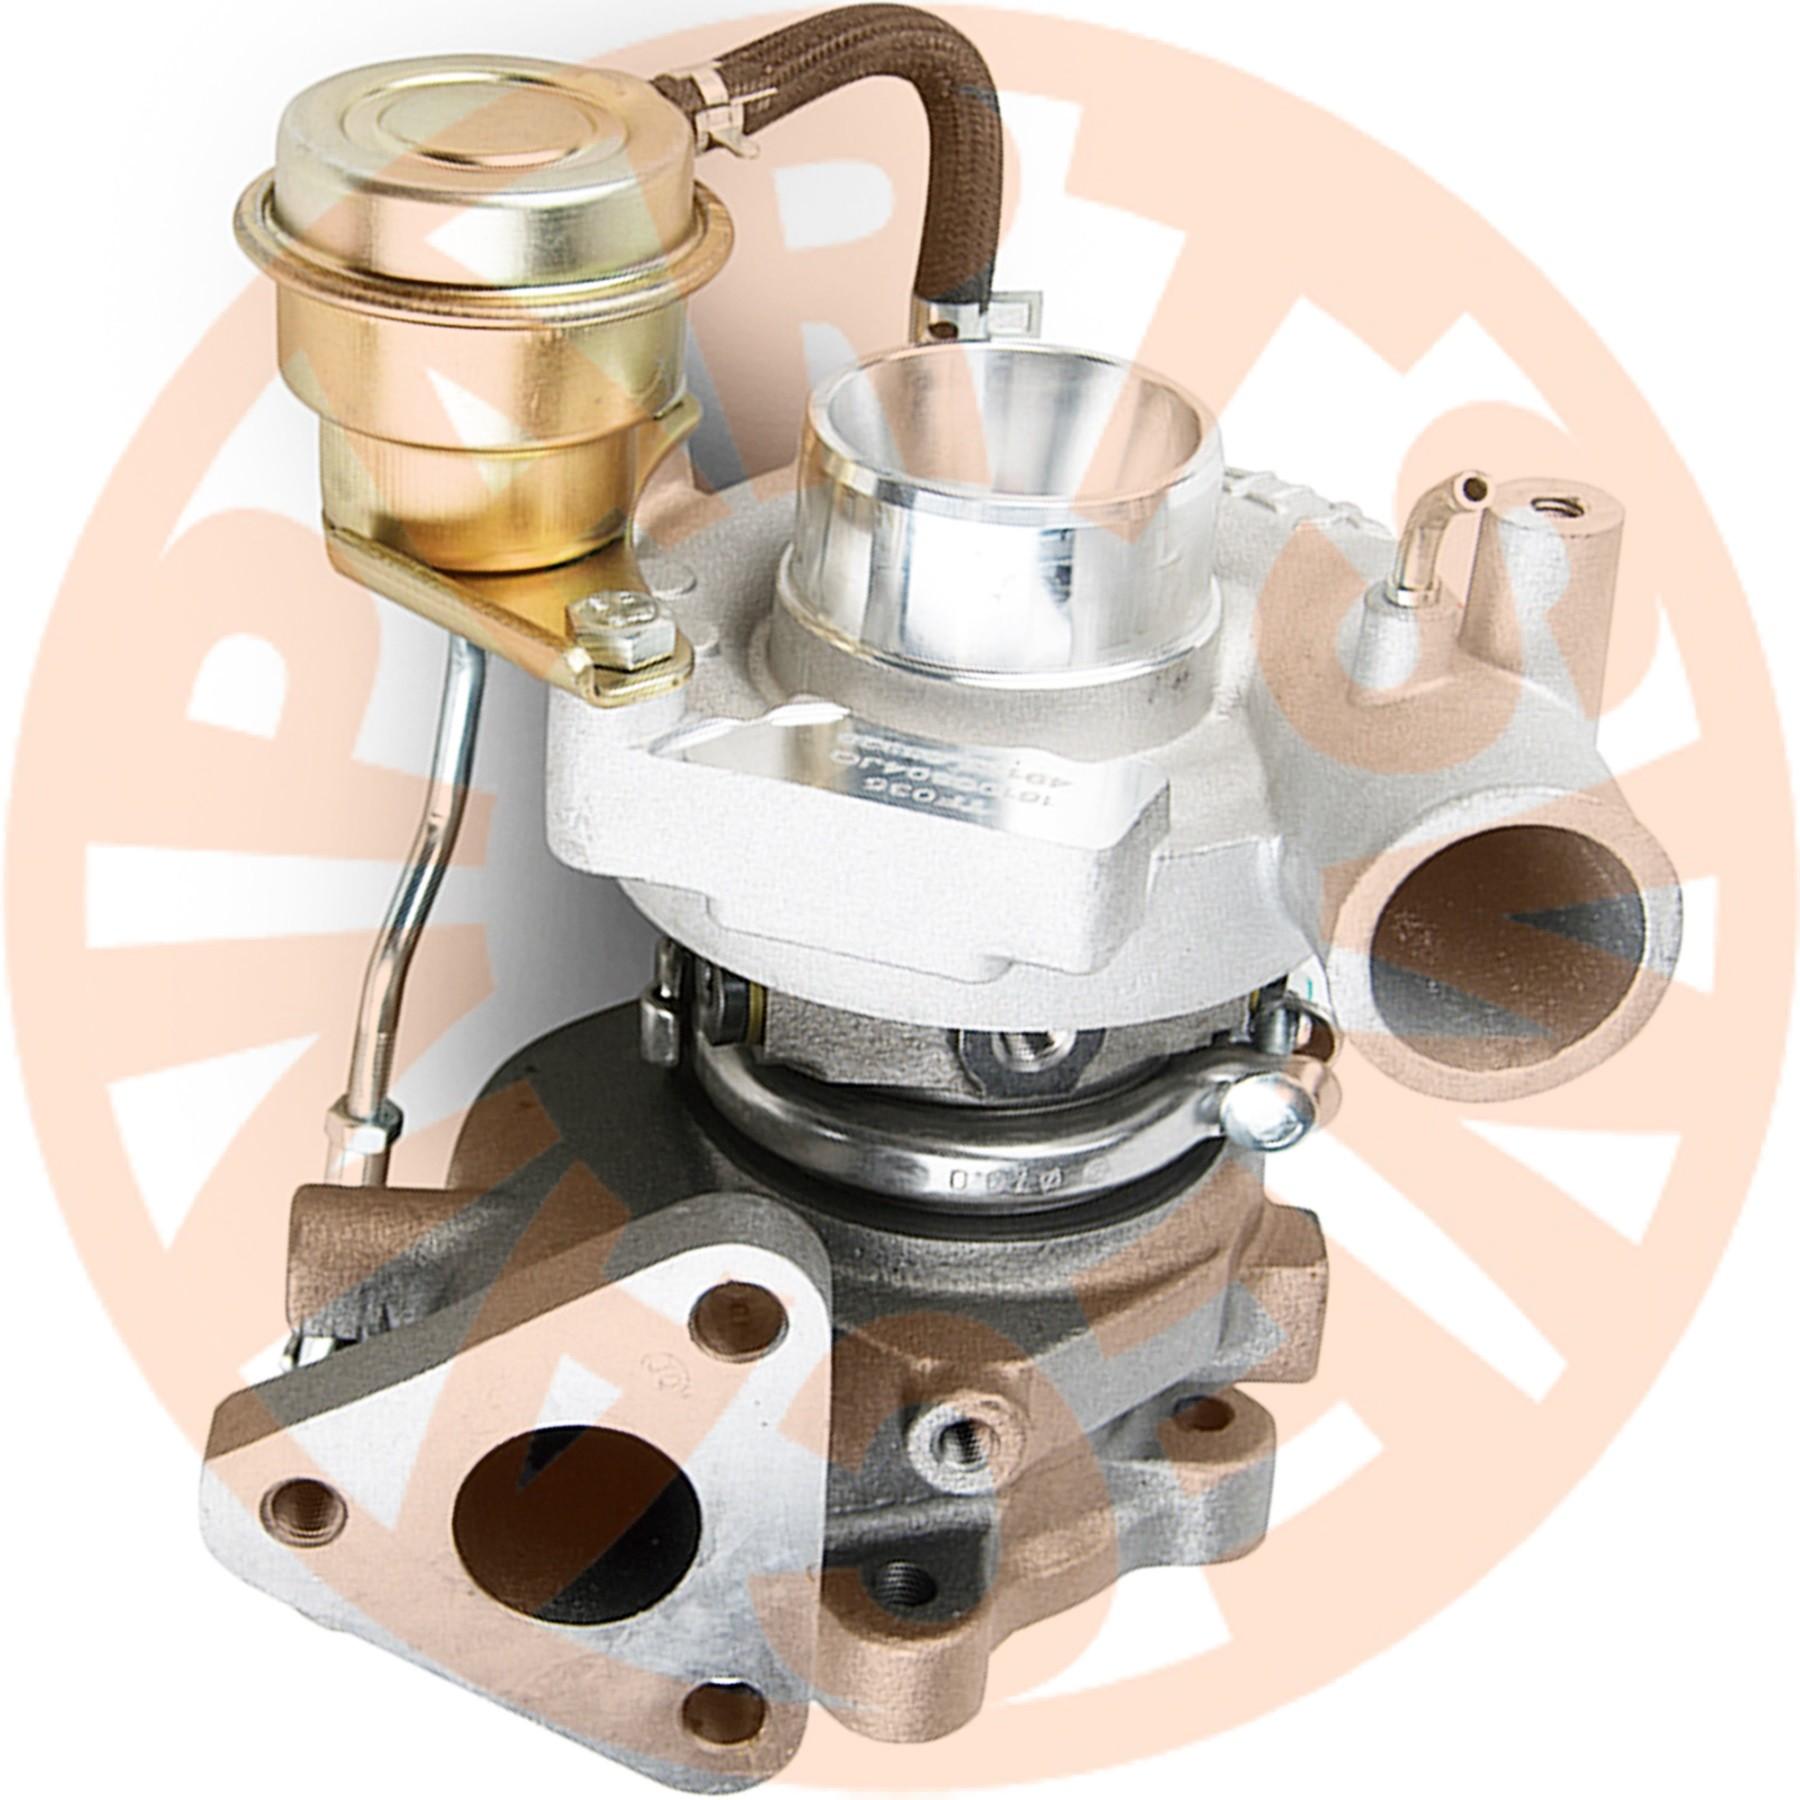 TURBOCHARGER MITSUBISHI 4M40 ENGINE PAJERO AFTERMARKET PARTS 49135-03101